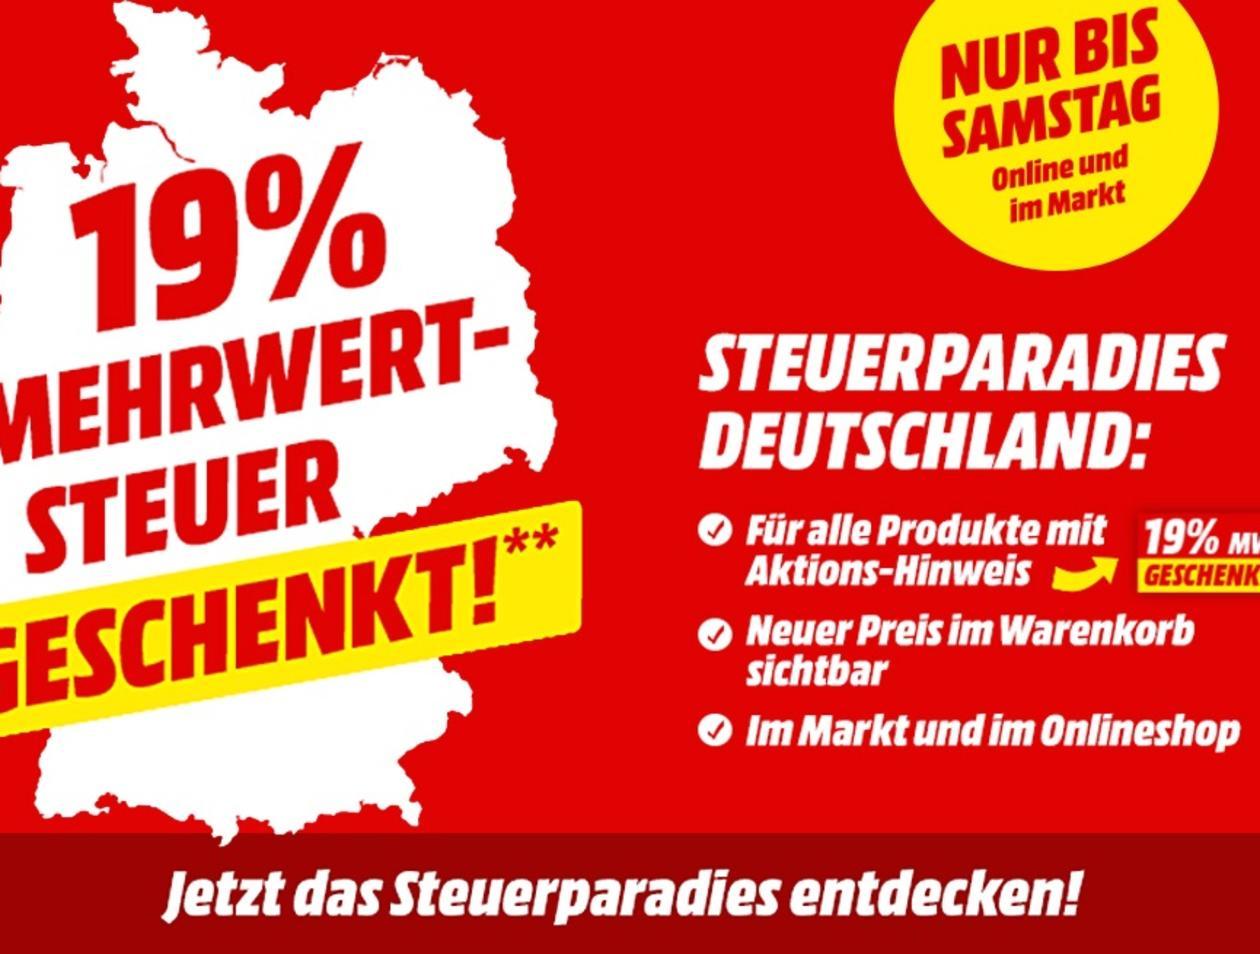 Media Markt Club Karte Geschenke.Nur Noch Samstag 22 September 2018 Mediamarkt Heidelberg